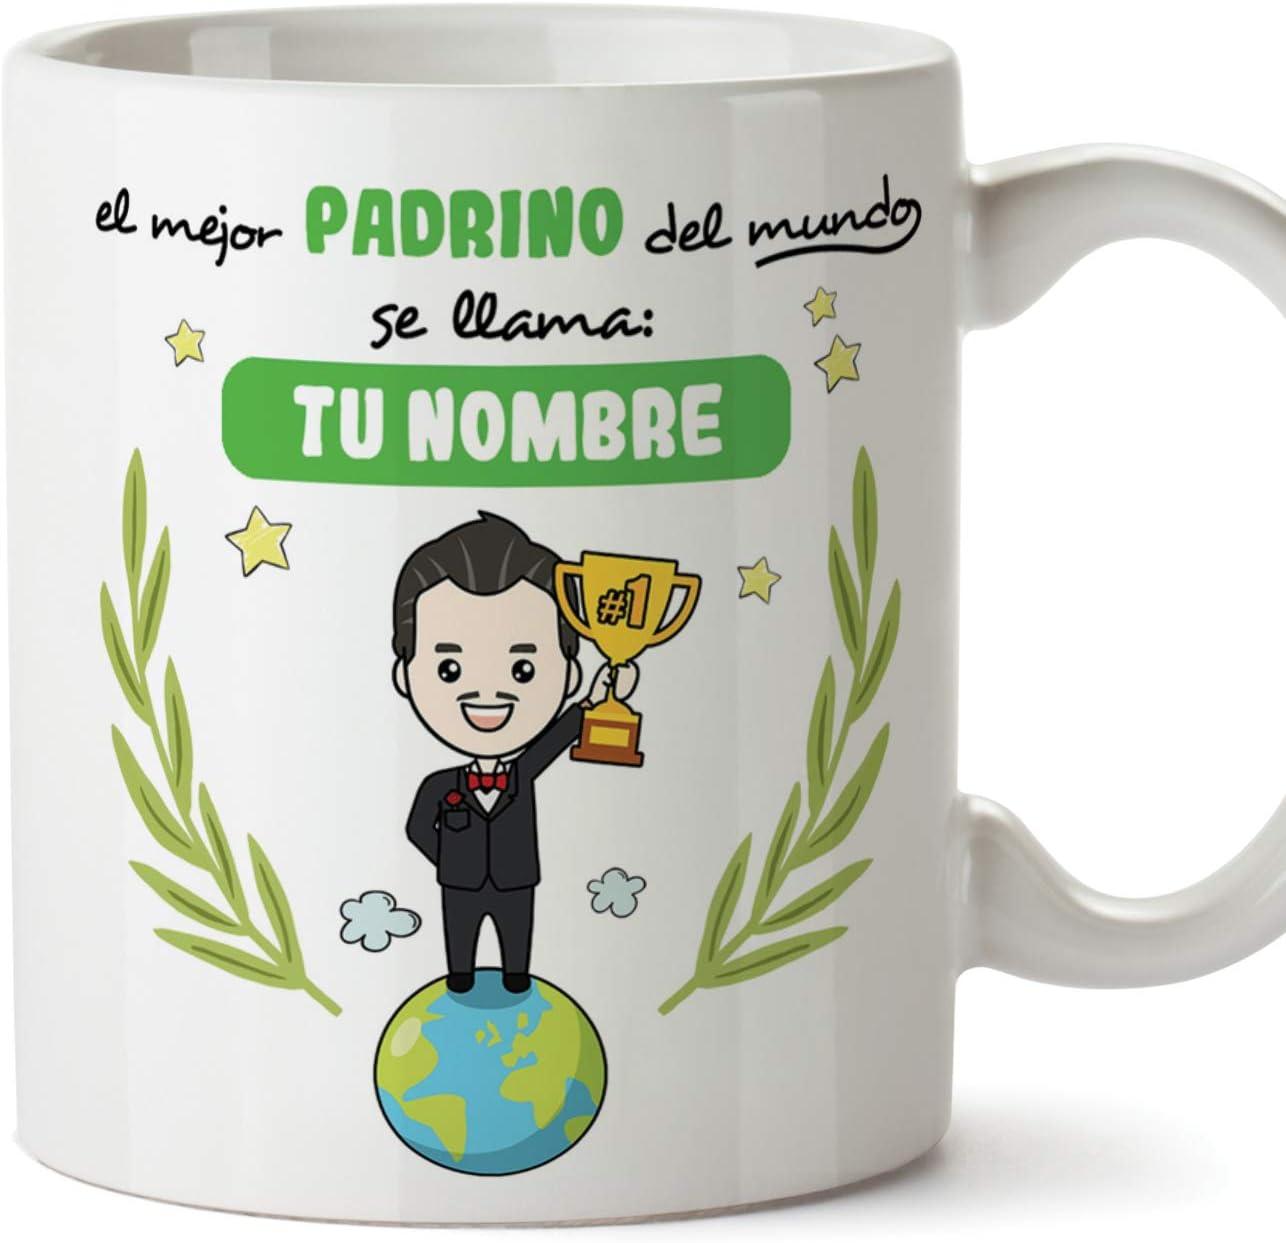 MUGFFINS Taza Padrino (Personalizable con Nombre) - El Mejor Padrino del Mundo - Taza Desayuno Personalizada/Idea Regalo Original/Día de Pascua para Padrinos. Cerámica 350 mL